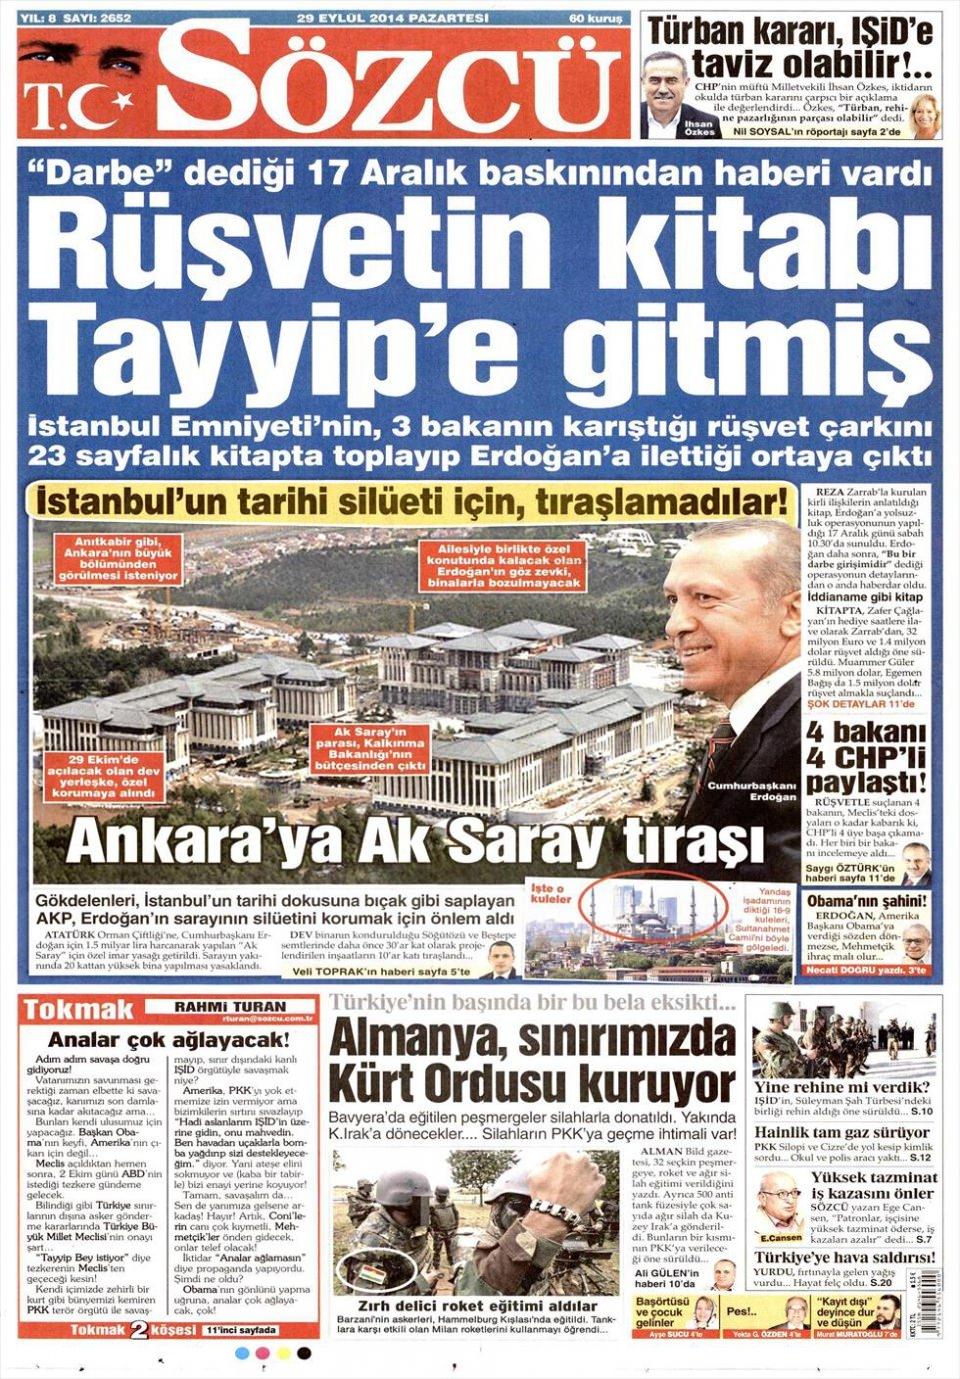 29 Eylül 2014 gazete manşetleri 17